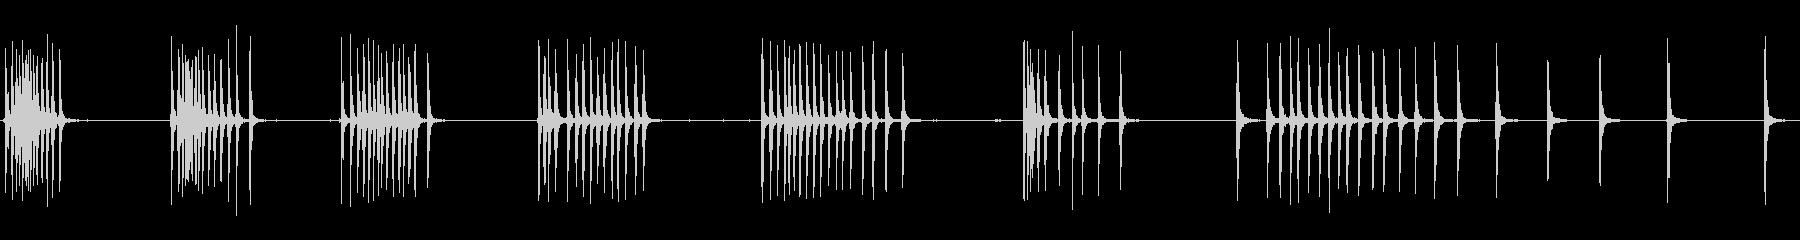 ラチェット:タイトクリックの巻き上げの未再生の波形